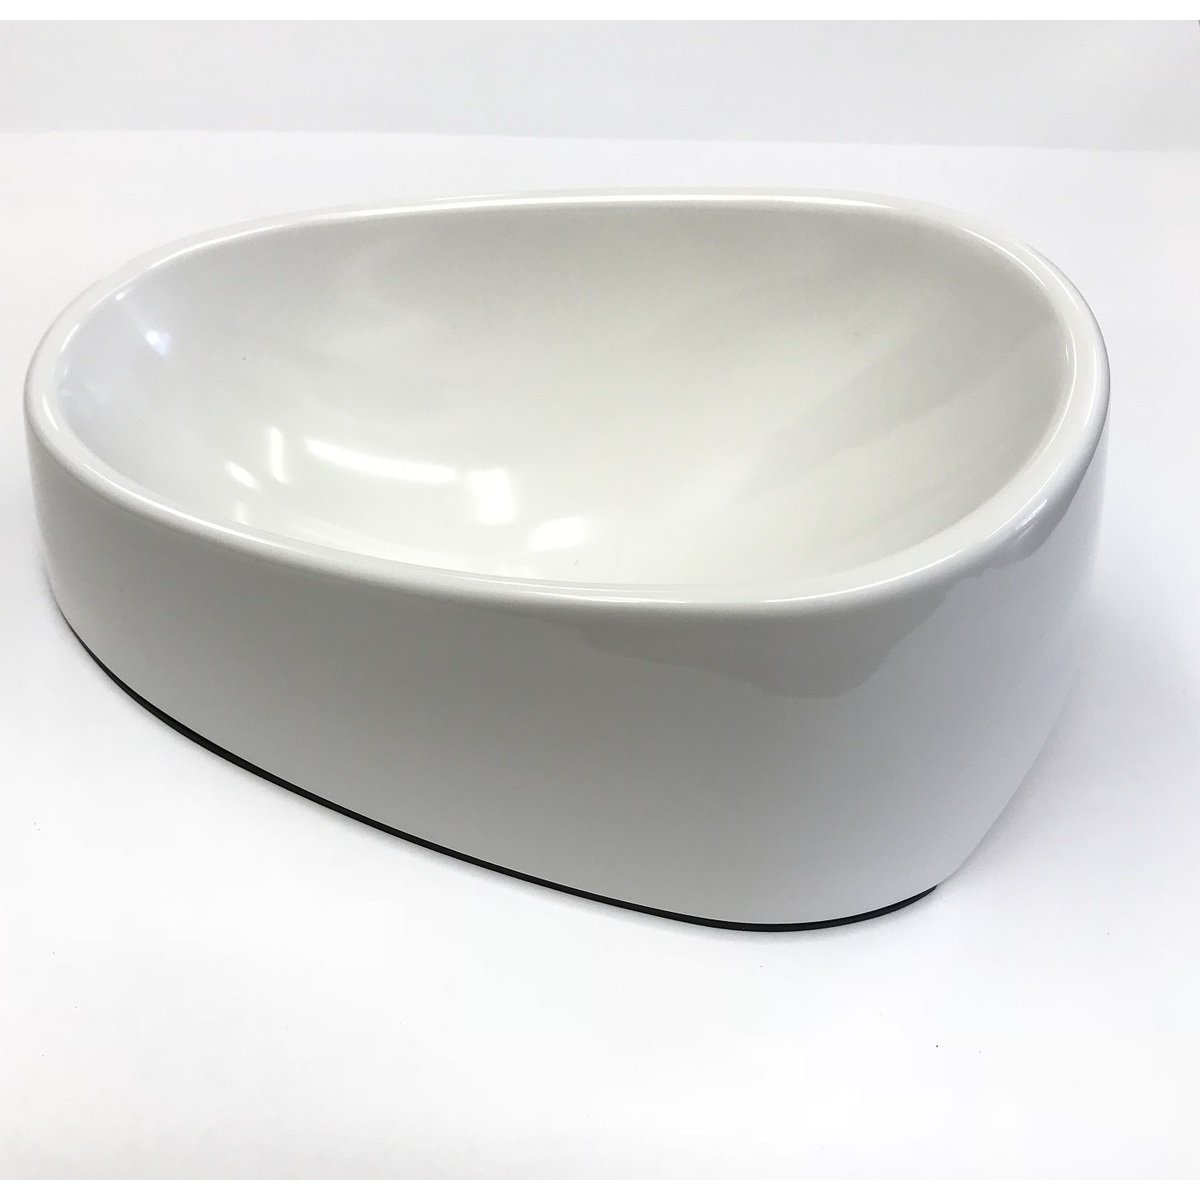 トムキャット [食器]オーバルボウル L/ホワイト×12入【送料無料】